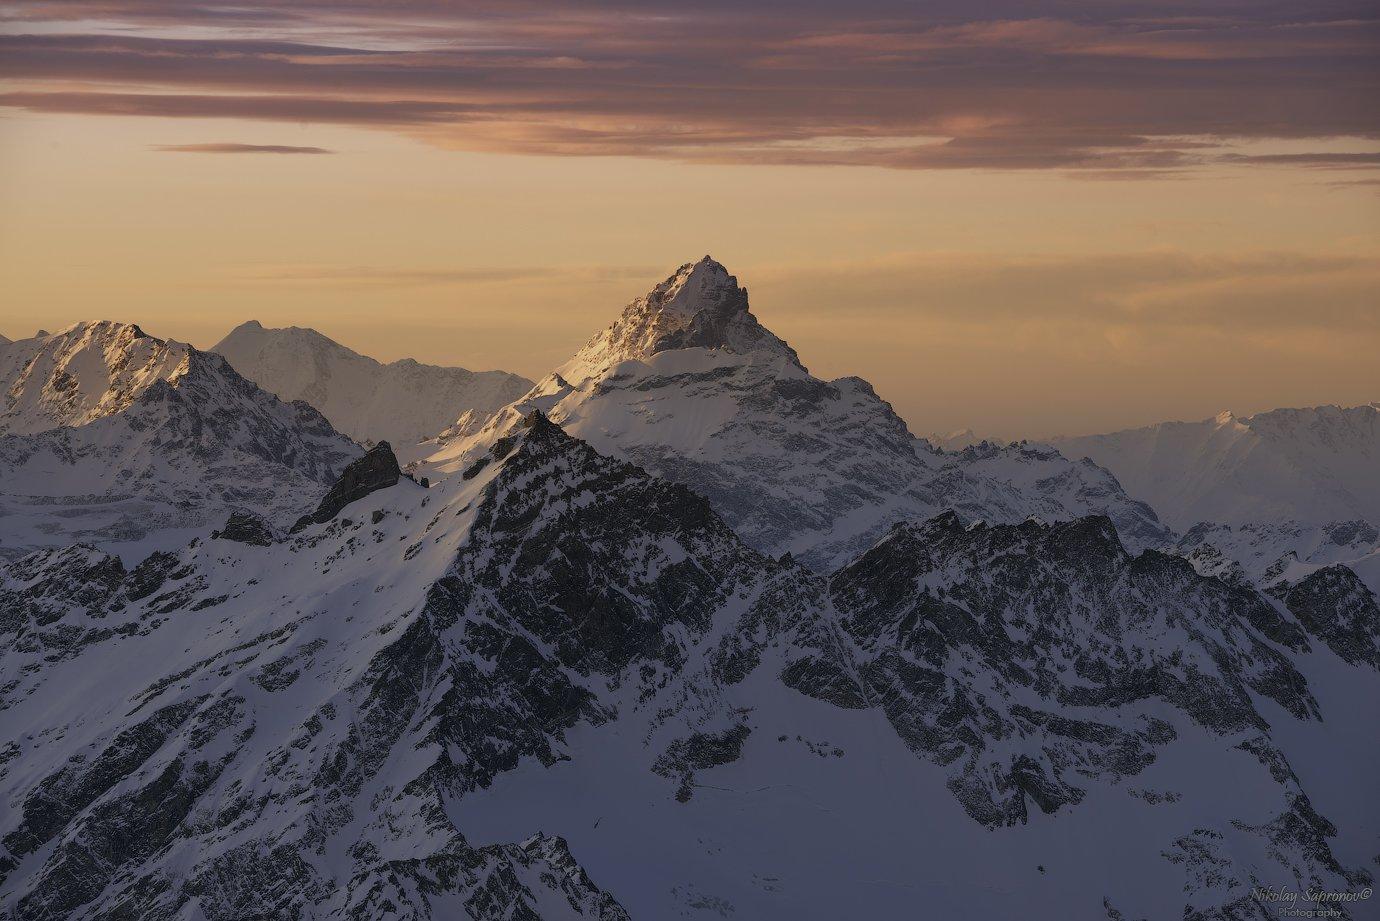 главный кавказский хребет, гкх, кавказ, северный кавказ, кавсказские горы, азау, рассвет, снежные горы, caucasus, приэльбрусье, вид с эльбруса, elbrus, эльбрус, чегет, Николай Сапронов